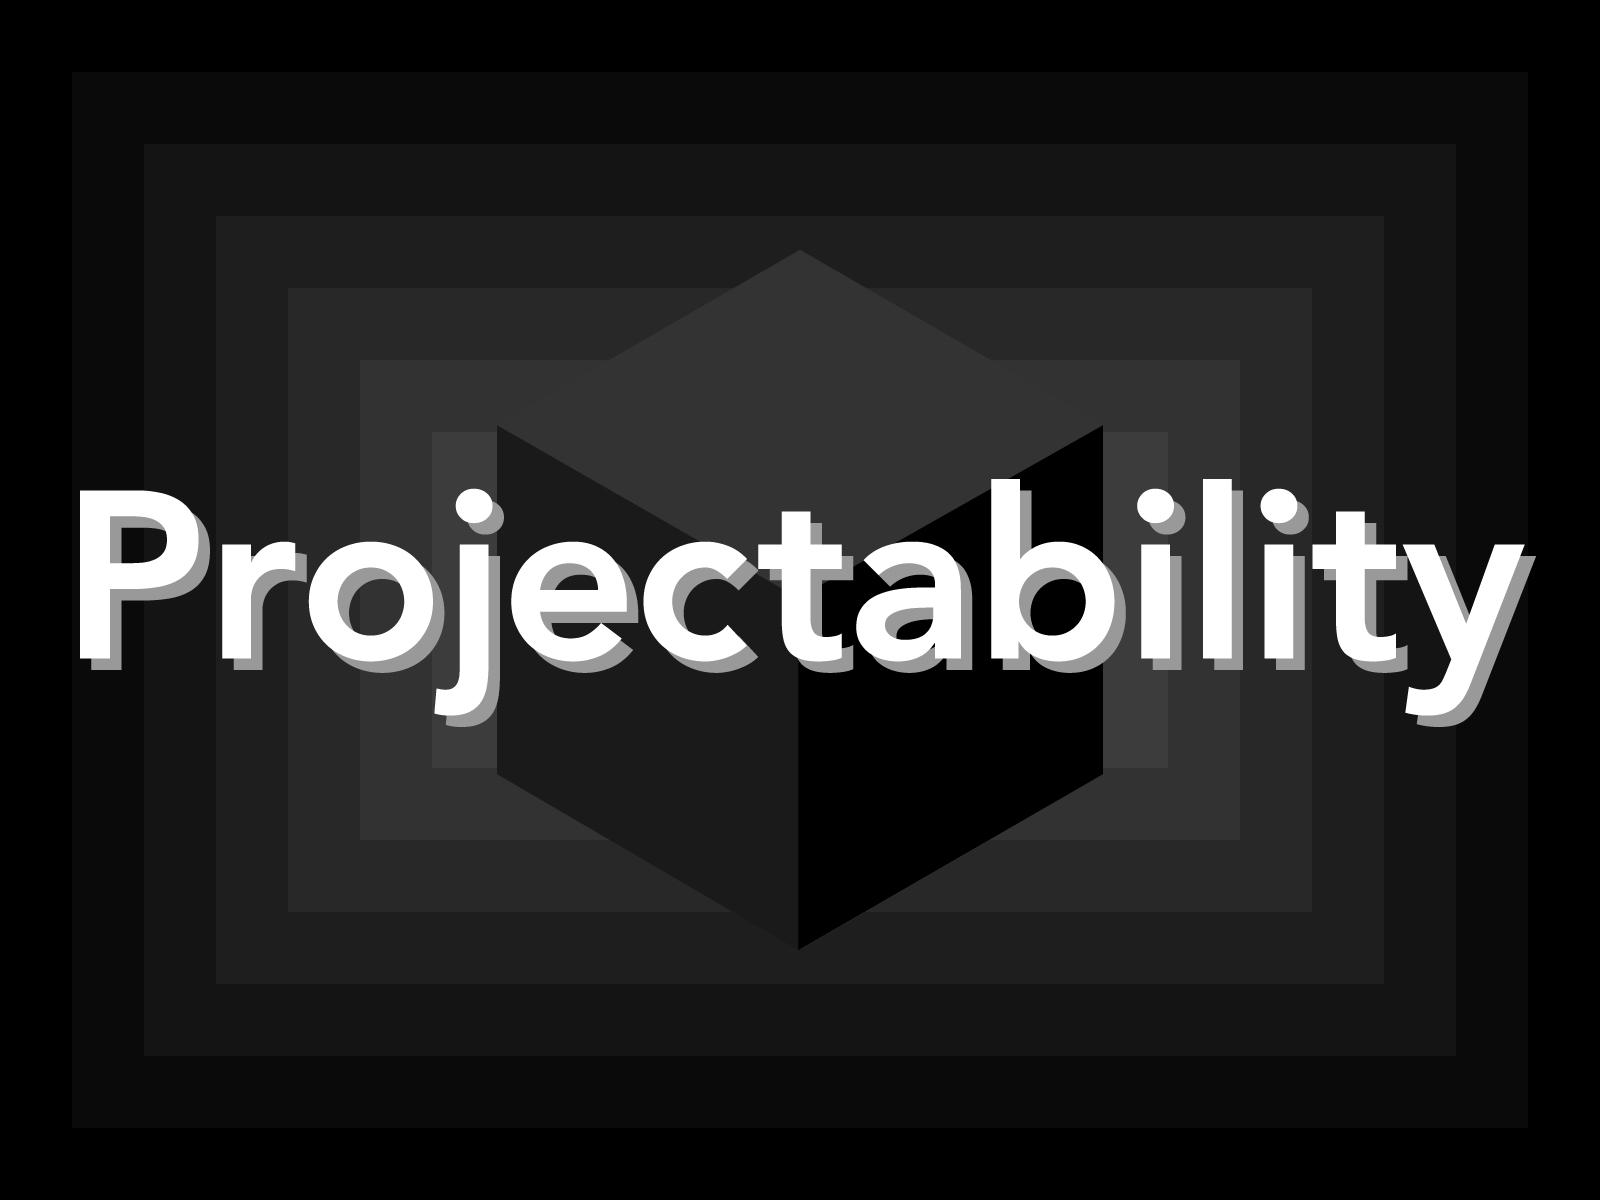 sharebase_projectability_image3.jpg